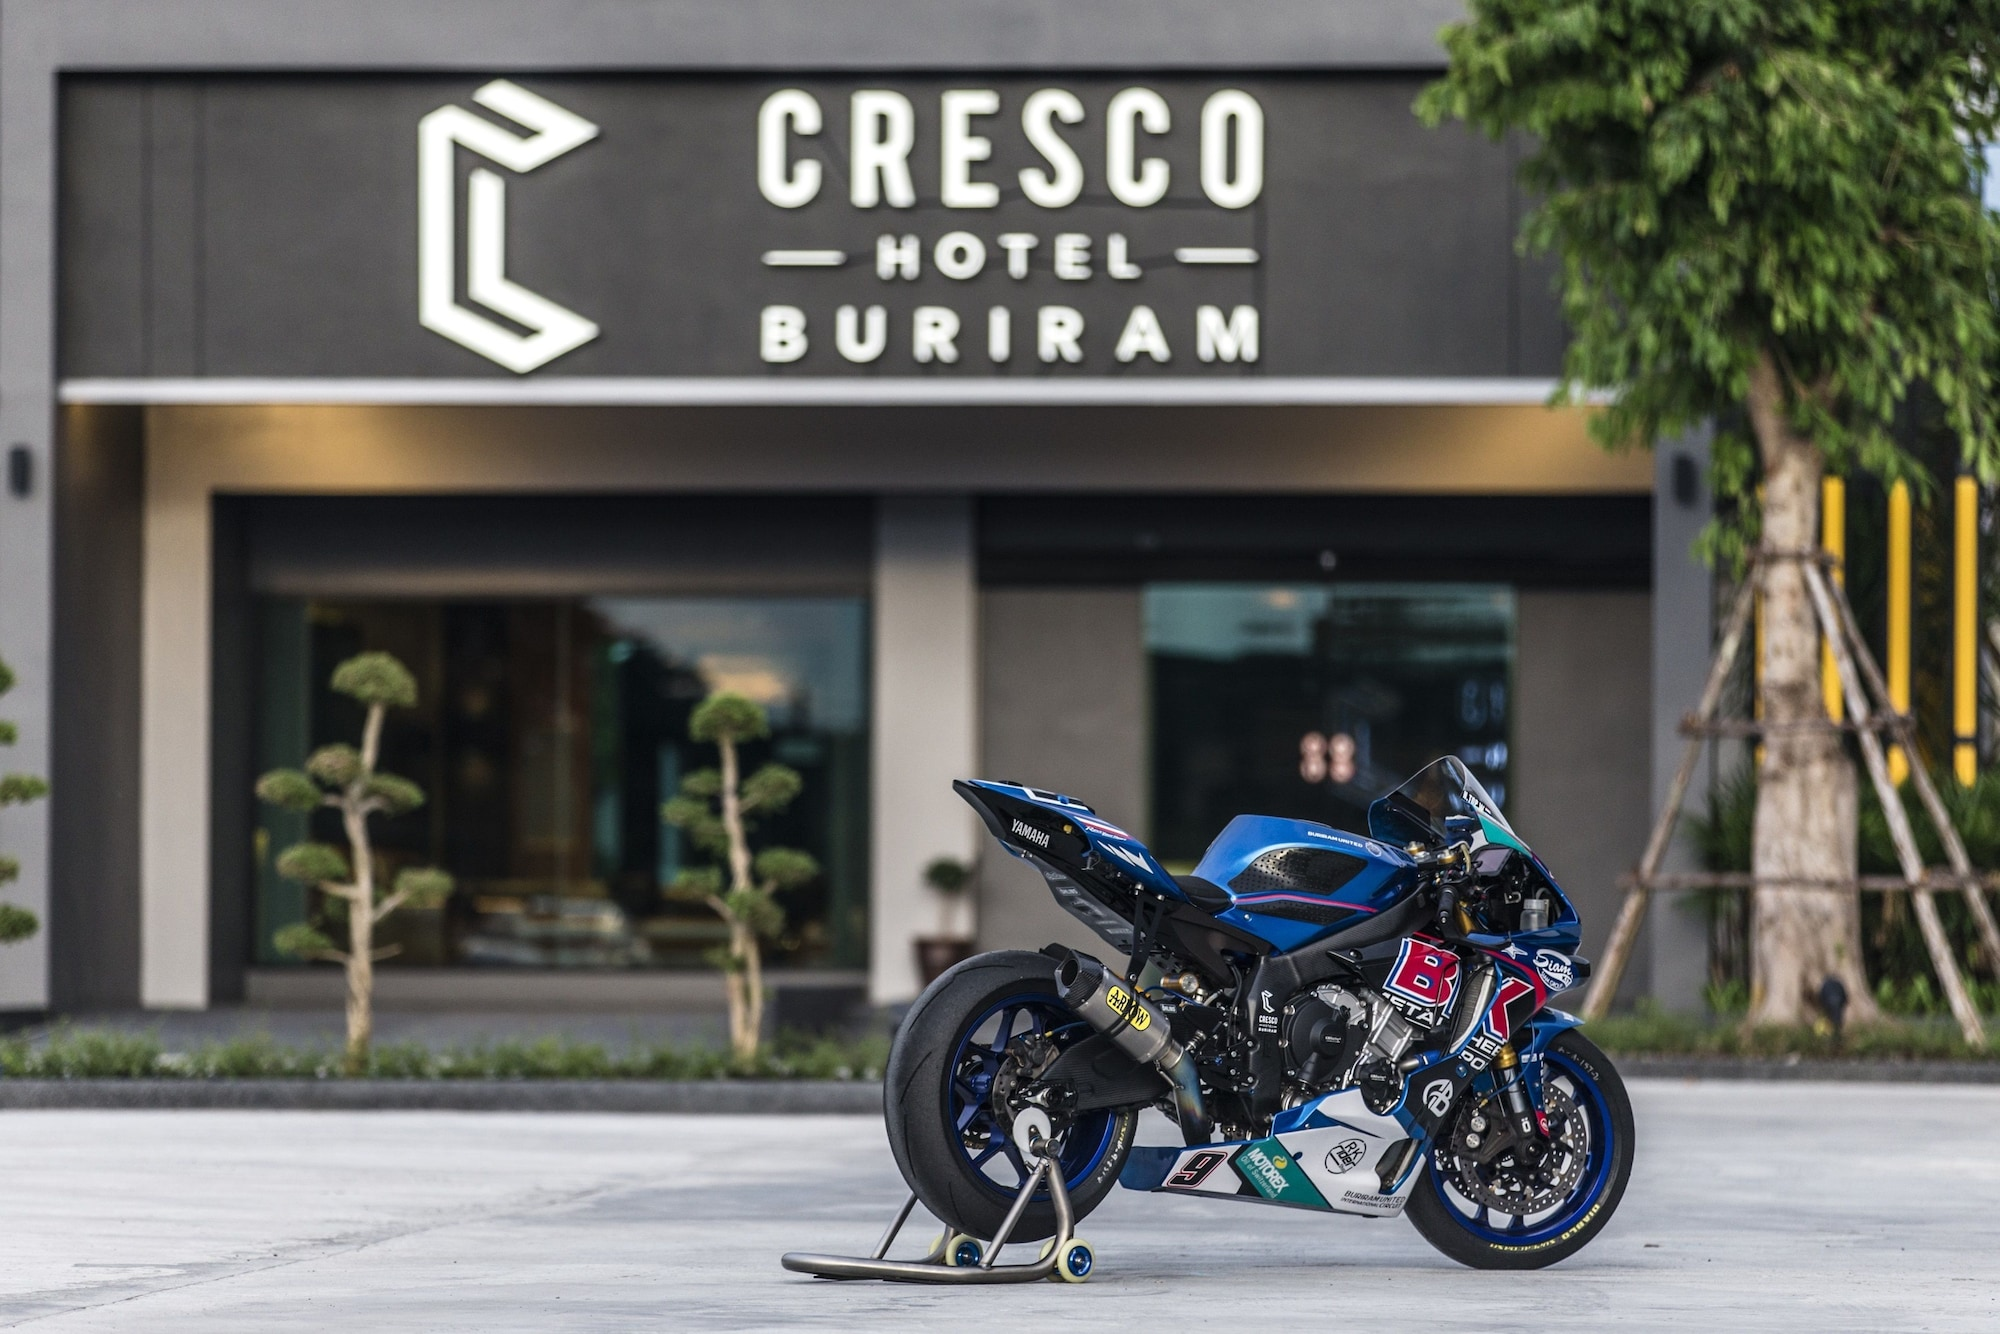 Cresco Hotel Buriram, Muang Buri Ram